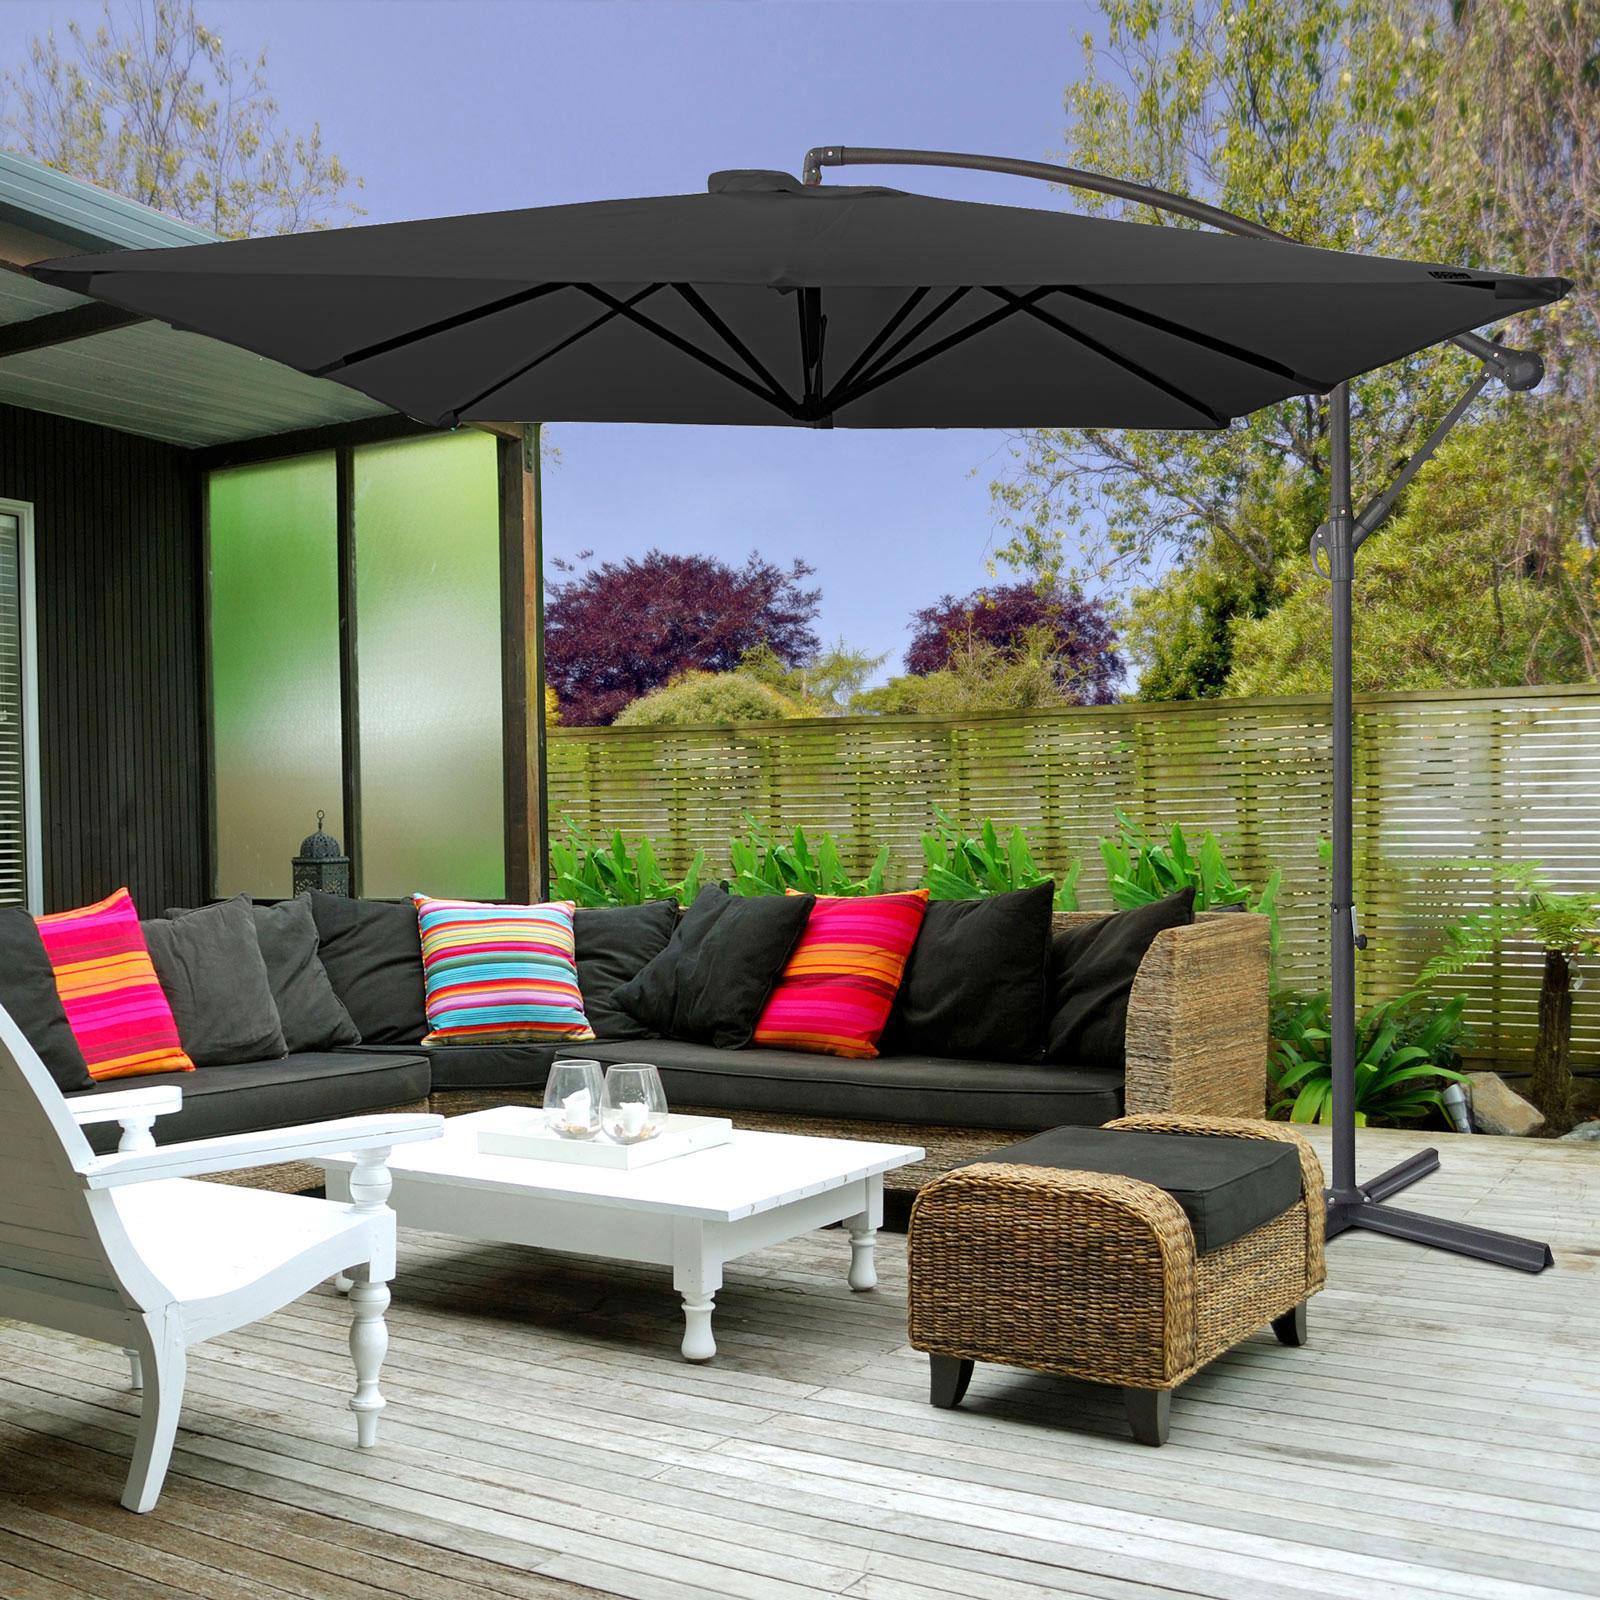 Milano-2-2M-Outdoor-Umbrella-Cantilever-Garden-Deck-Patio-Shade-Water-Resistant thumbnail 14